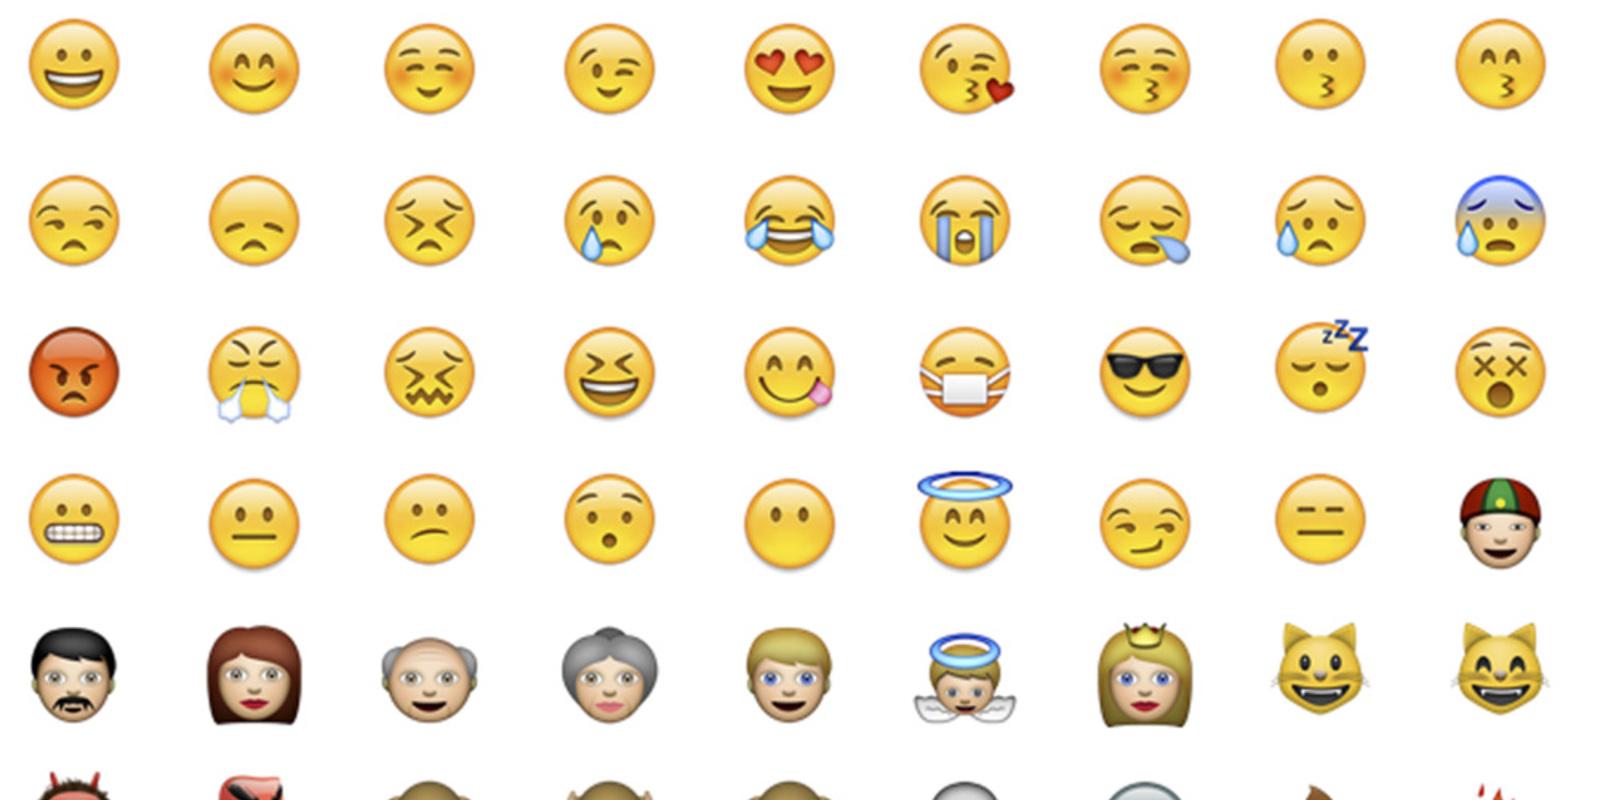 Grown man s guide to using emojis